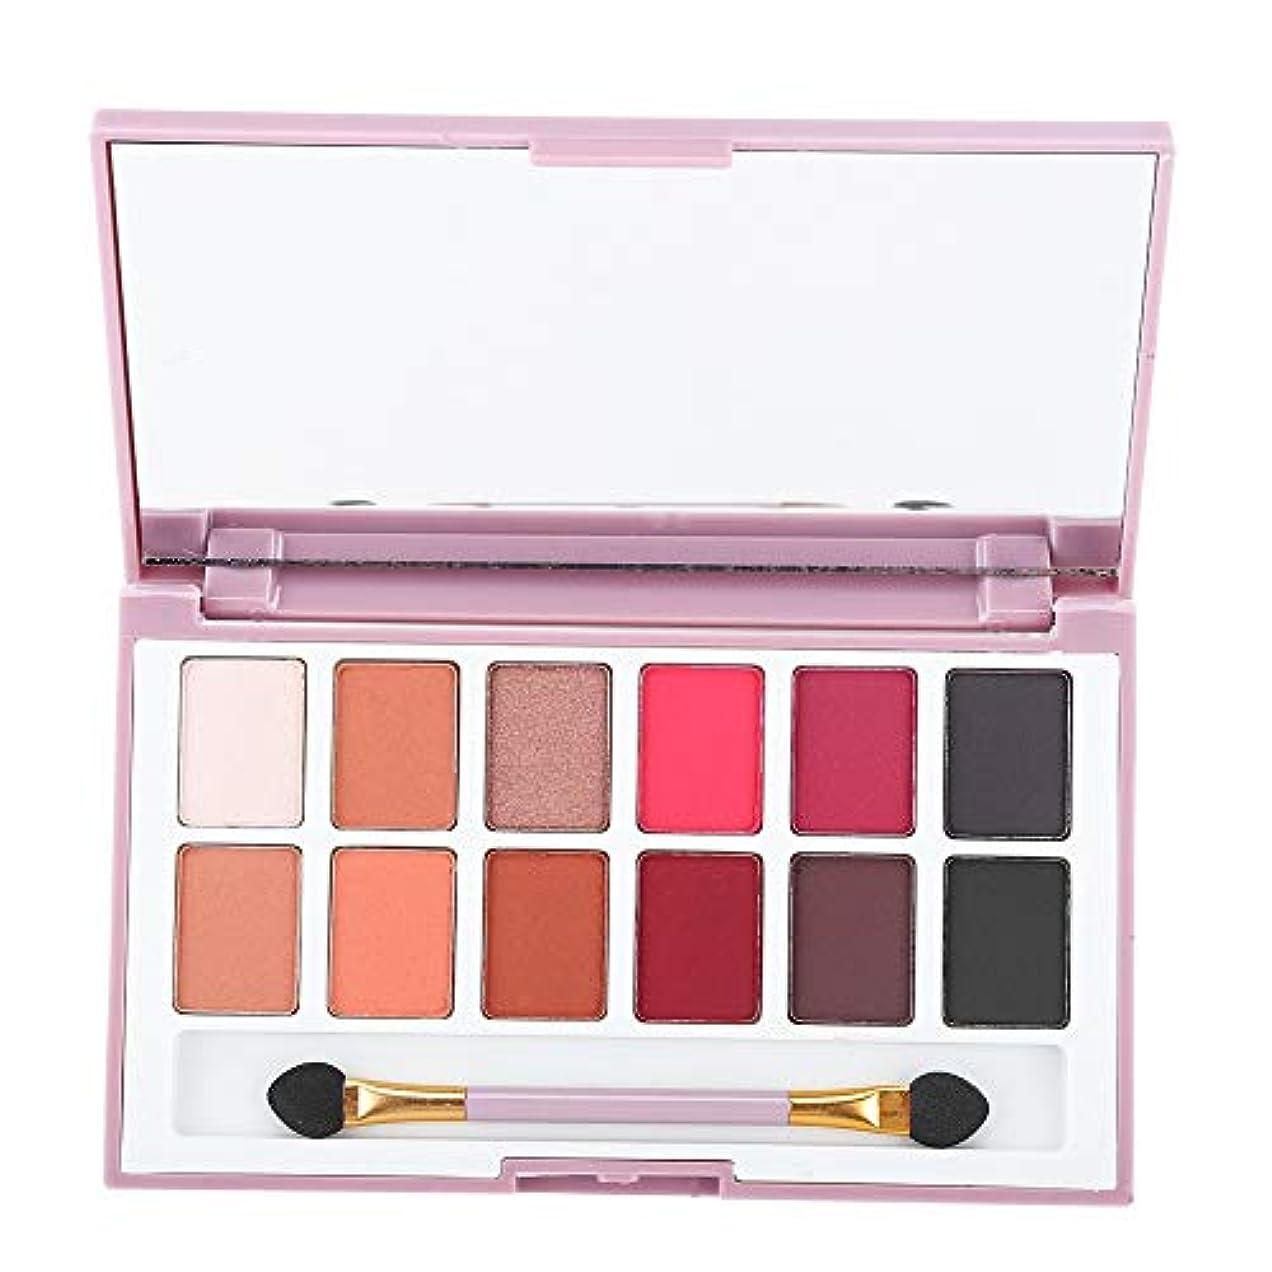 不透明なそれに応じてうそつきアイシャドウパレット 12色 化粧マット 化粧品ツール アイシャドウパウダー グロス (01)